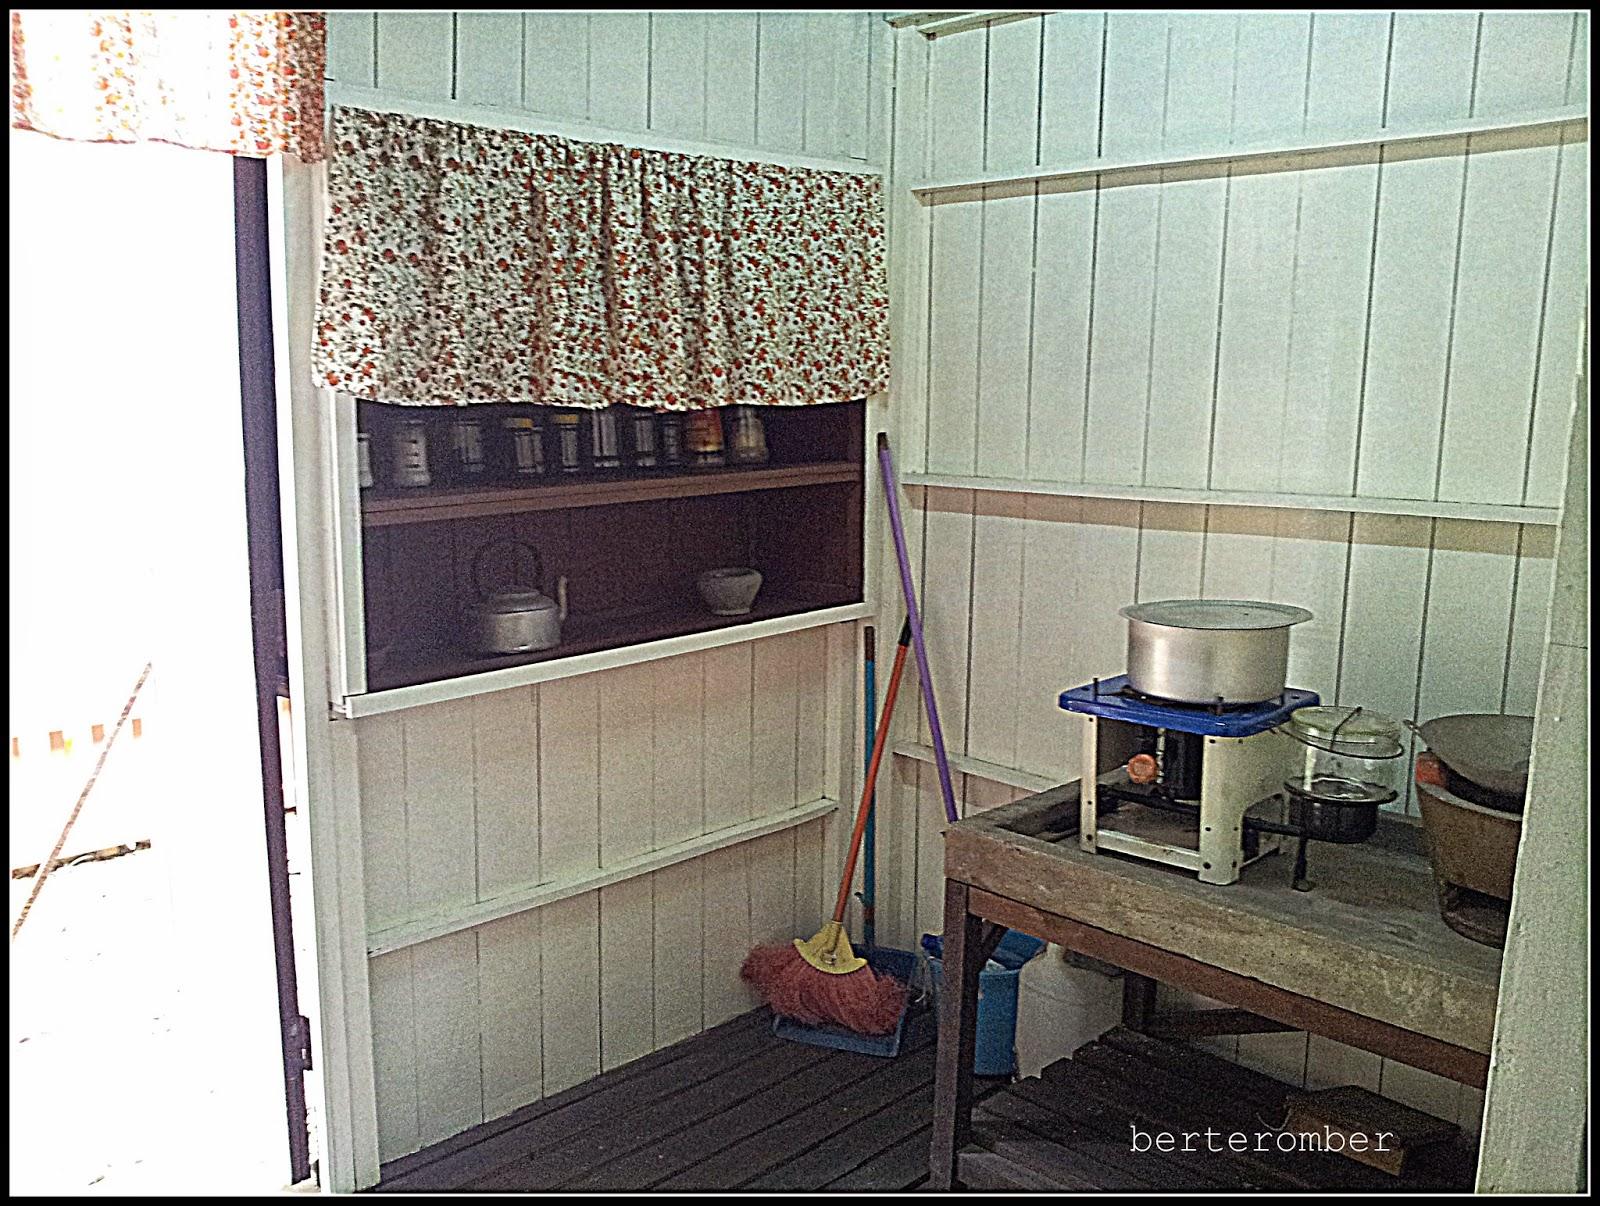 Ini Ruang Dapur Nostalgia Betul Nampak Minyak Tanah Tu Zaman Mana Ada Gas Karen Lagilah Tak Pernah Termimpi